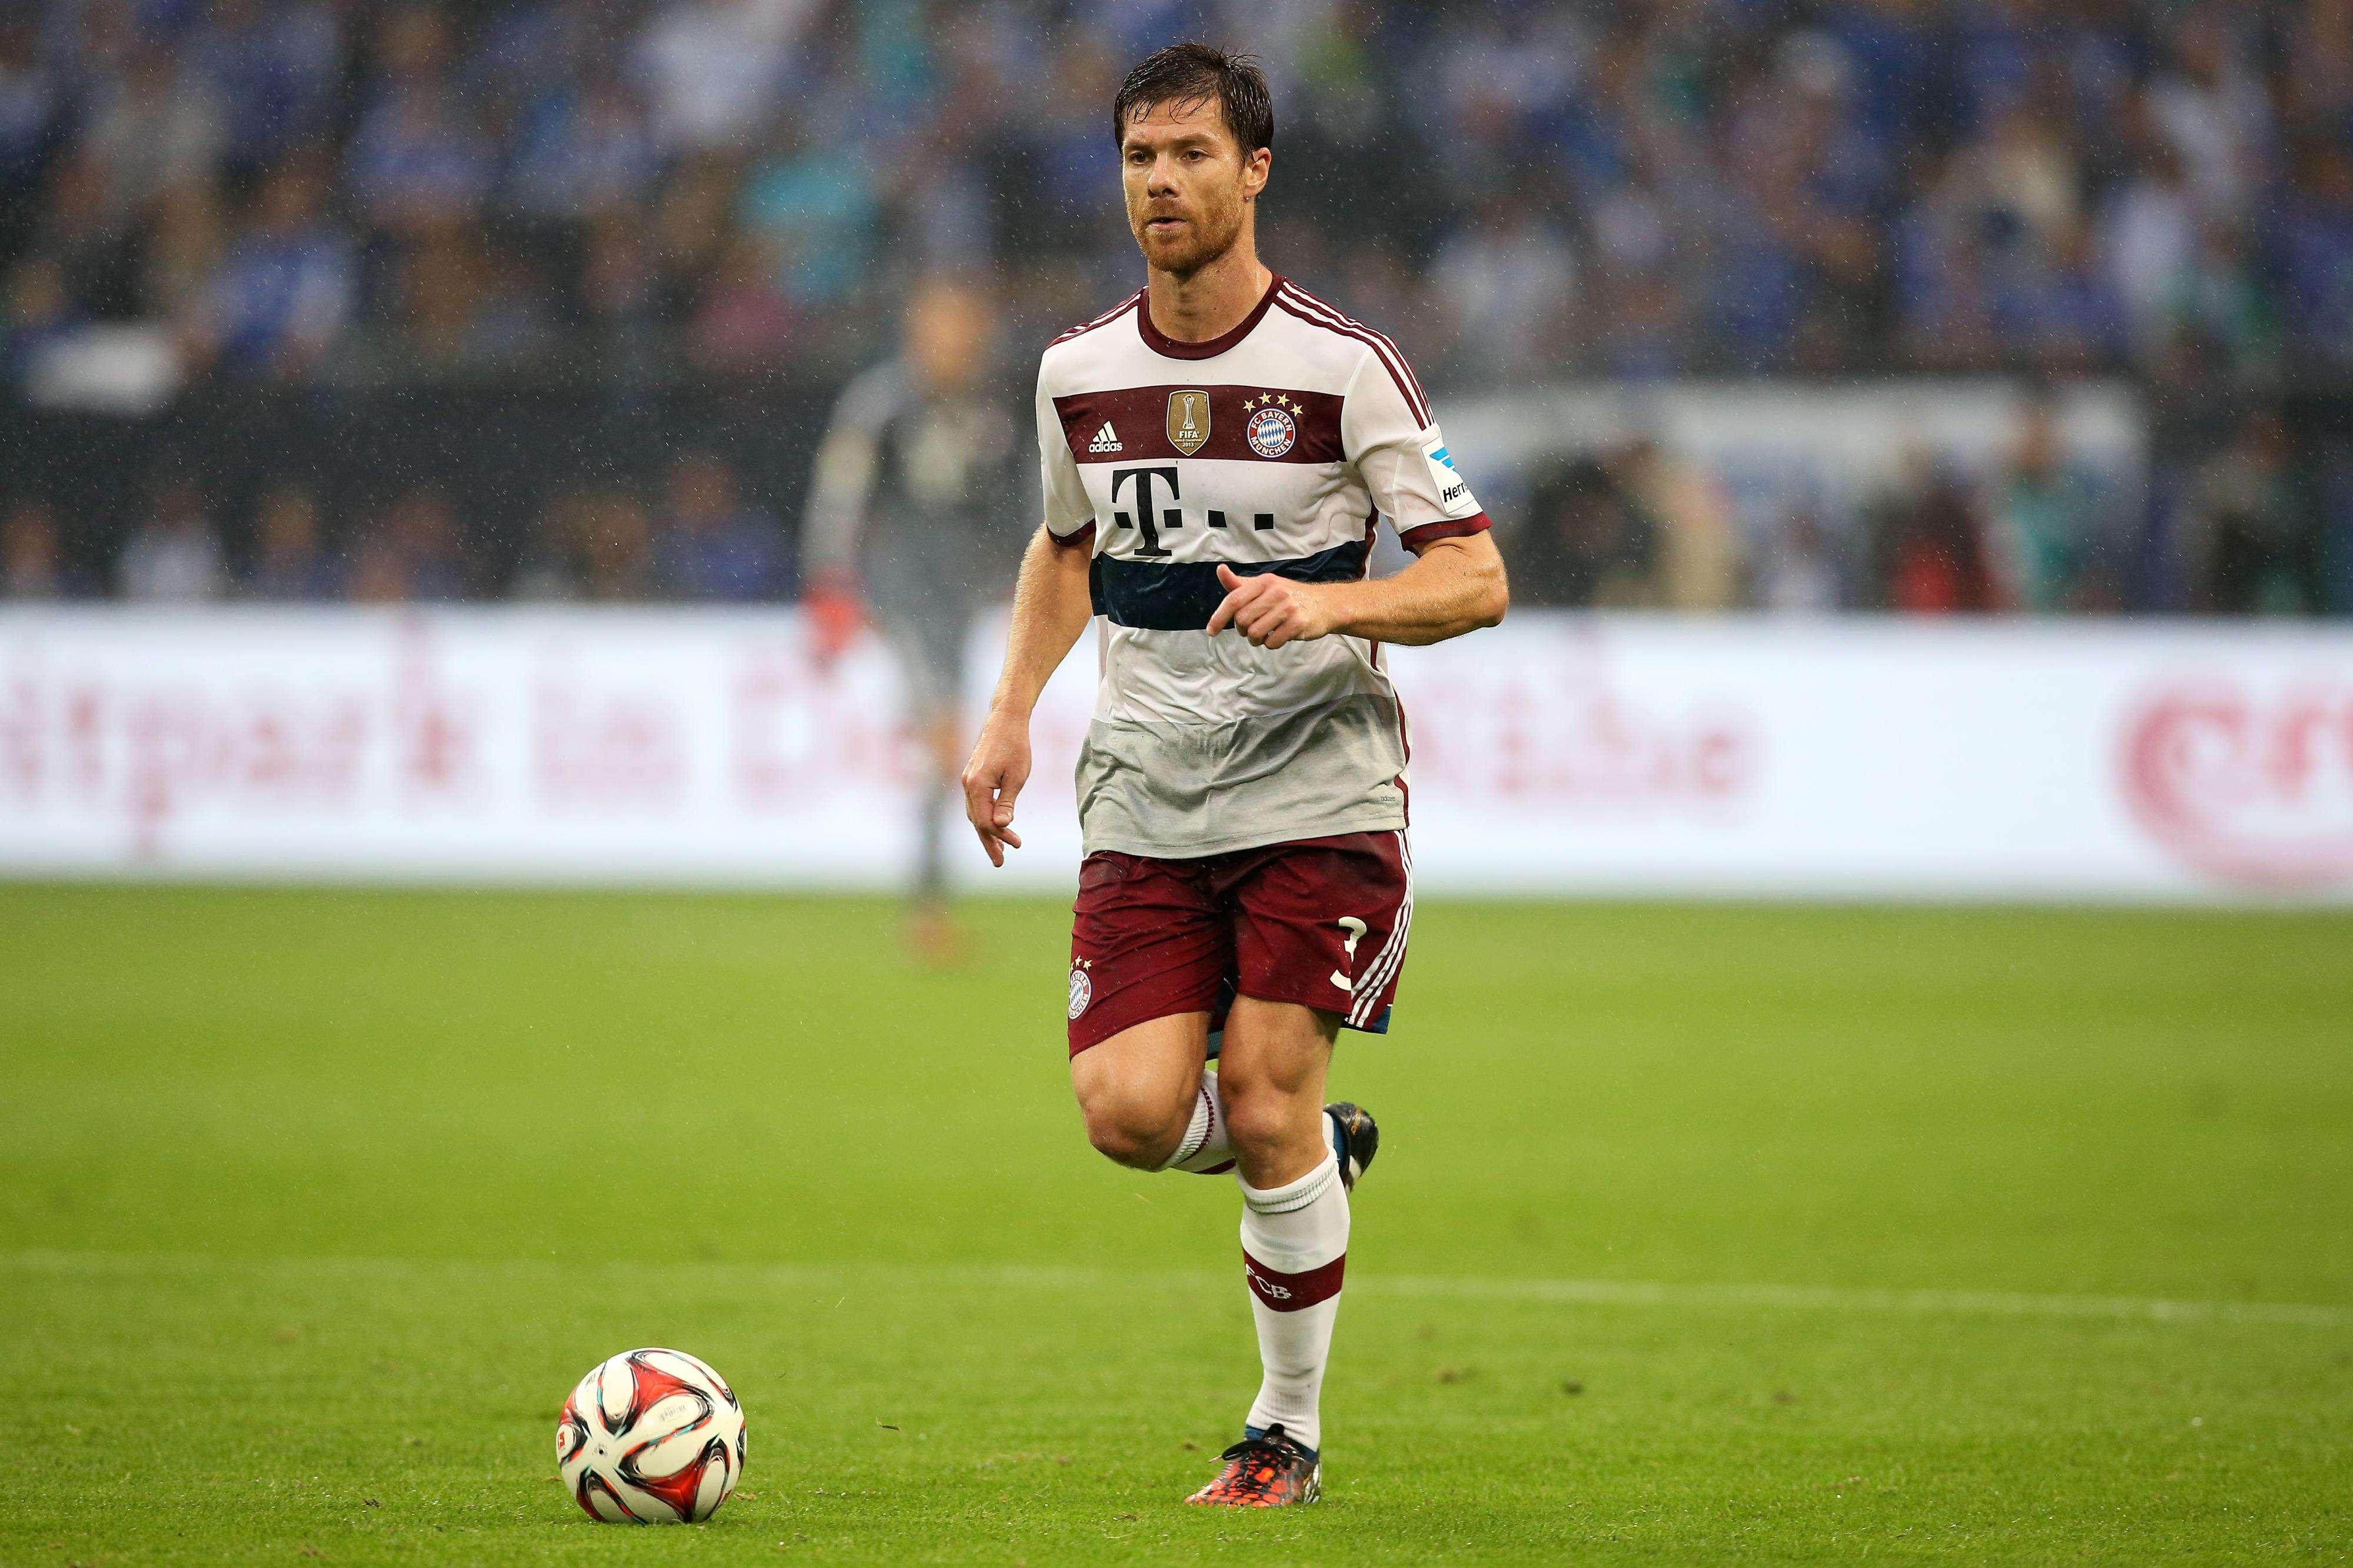 Schalke logró igualar (1-1) en casa ante el Bayern, en el primer juego del mediocapista español con el equipo de Pep Guardiola. Robert Lewandowski y Benedikt Höwedes marcaron los goles.